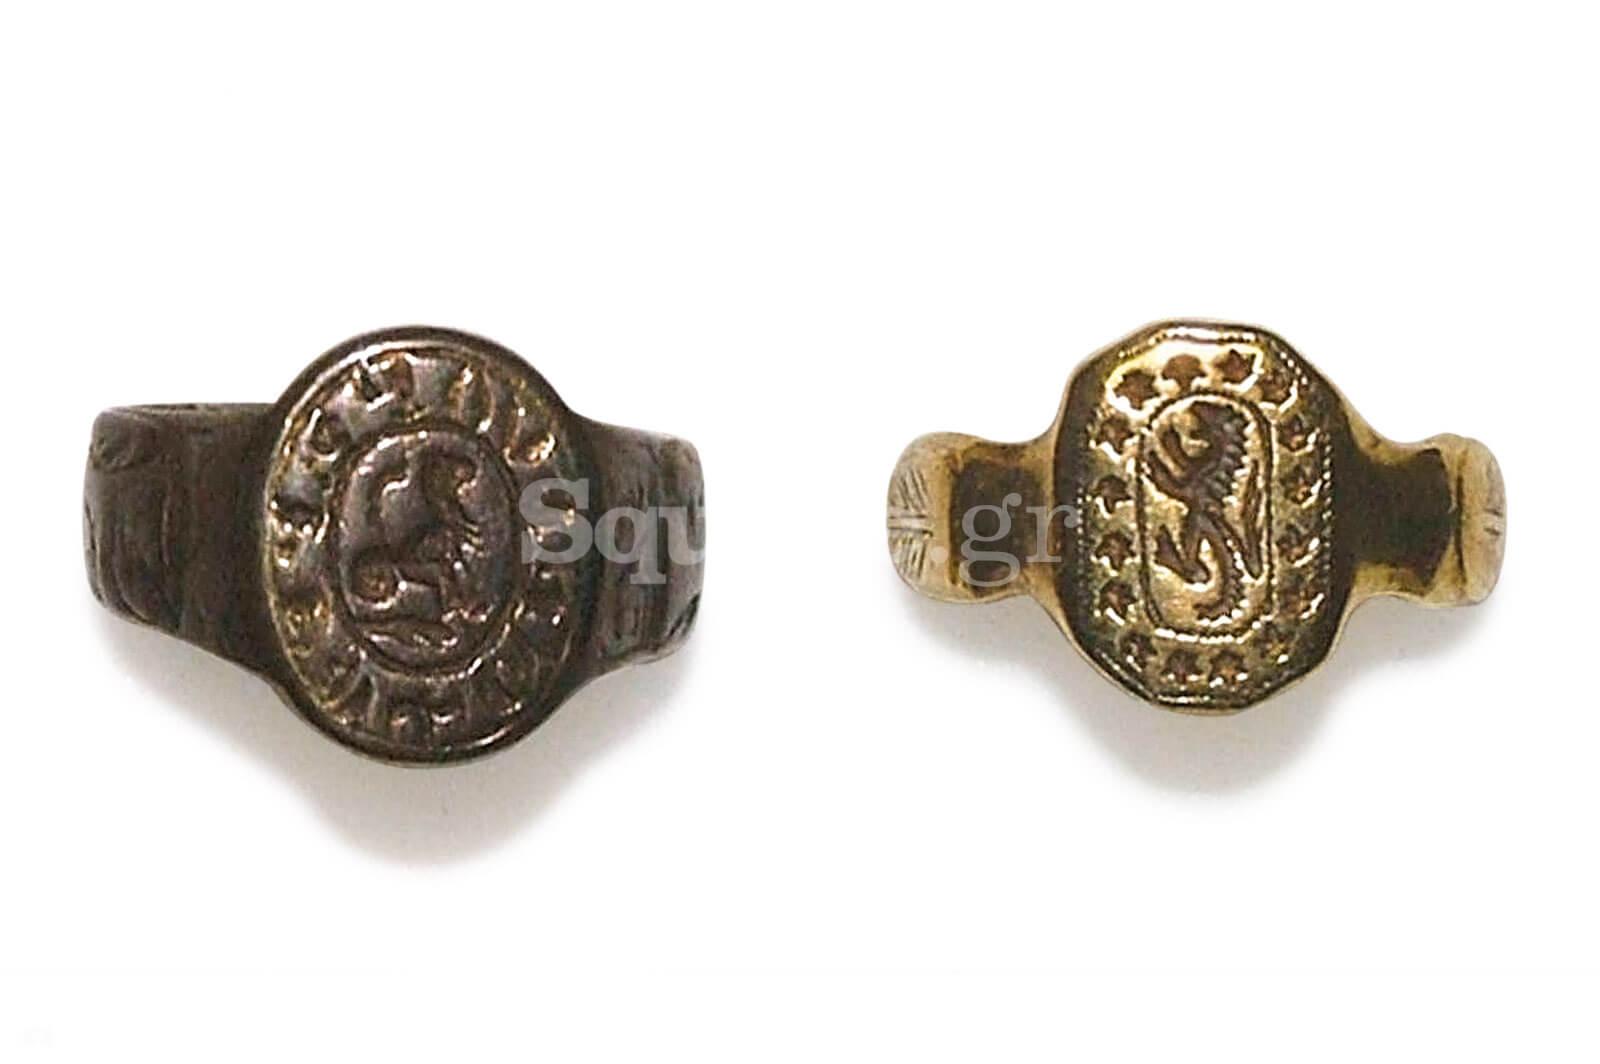 13-Δύο-εγχάρακτα-δακτυλίδια-φτιαγμένα-επιχρυσωμένο-ασήμι-και-χρυσό-του-«θησαυρού»-της-Χαλκίδας